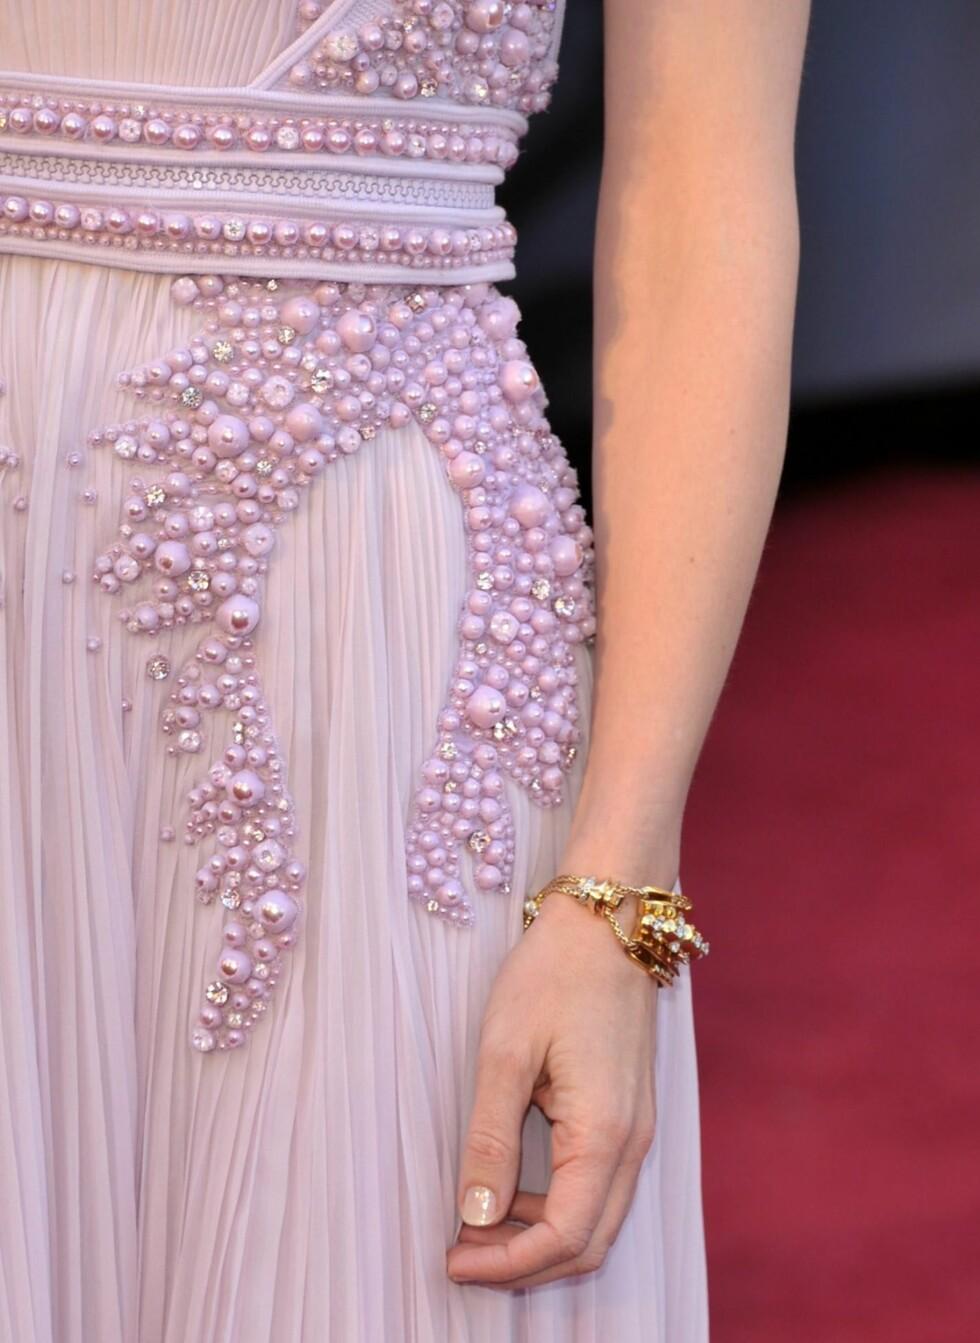 SMYKKET REDDET ANTREKKET: Det var mange som mente at det så ut som  en baby hadde gulpet utover den fiolette kjolen til skuespiller Cate Blanchett på Oscar-utdelingen - men ingen var uenige om at gullarmbåndet simpelthen var helt nydelig.  Foto: All Over Press